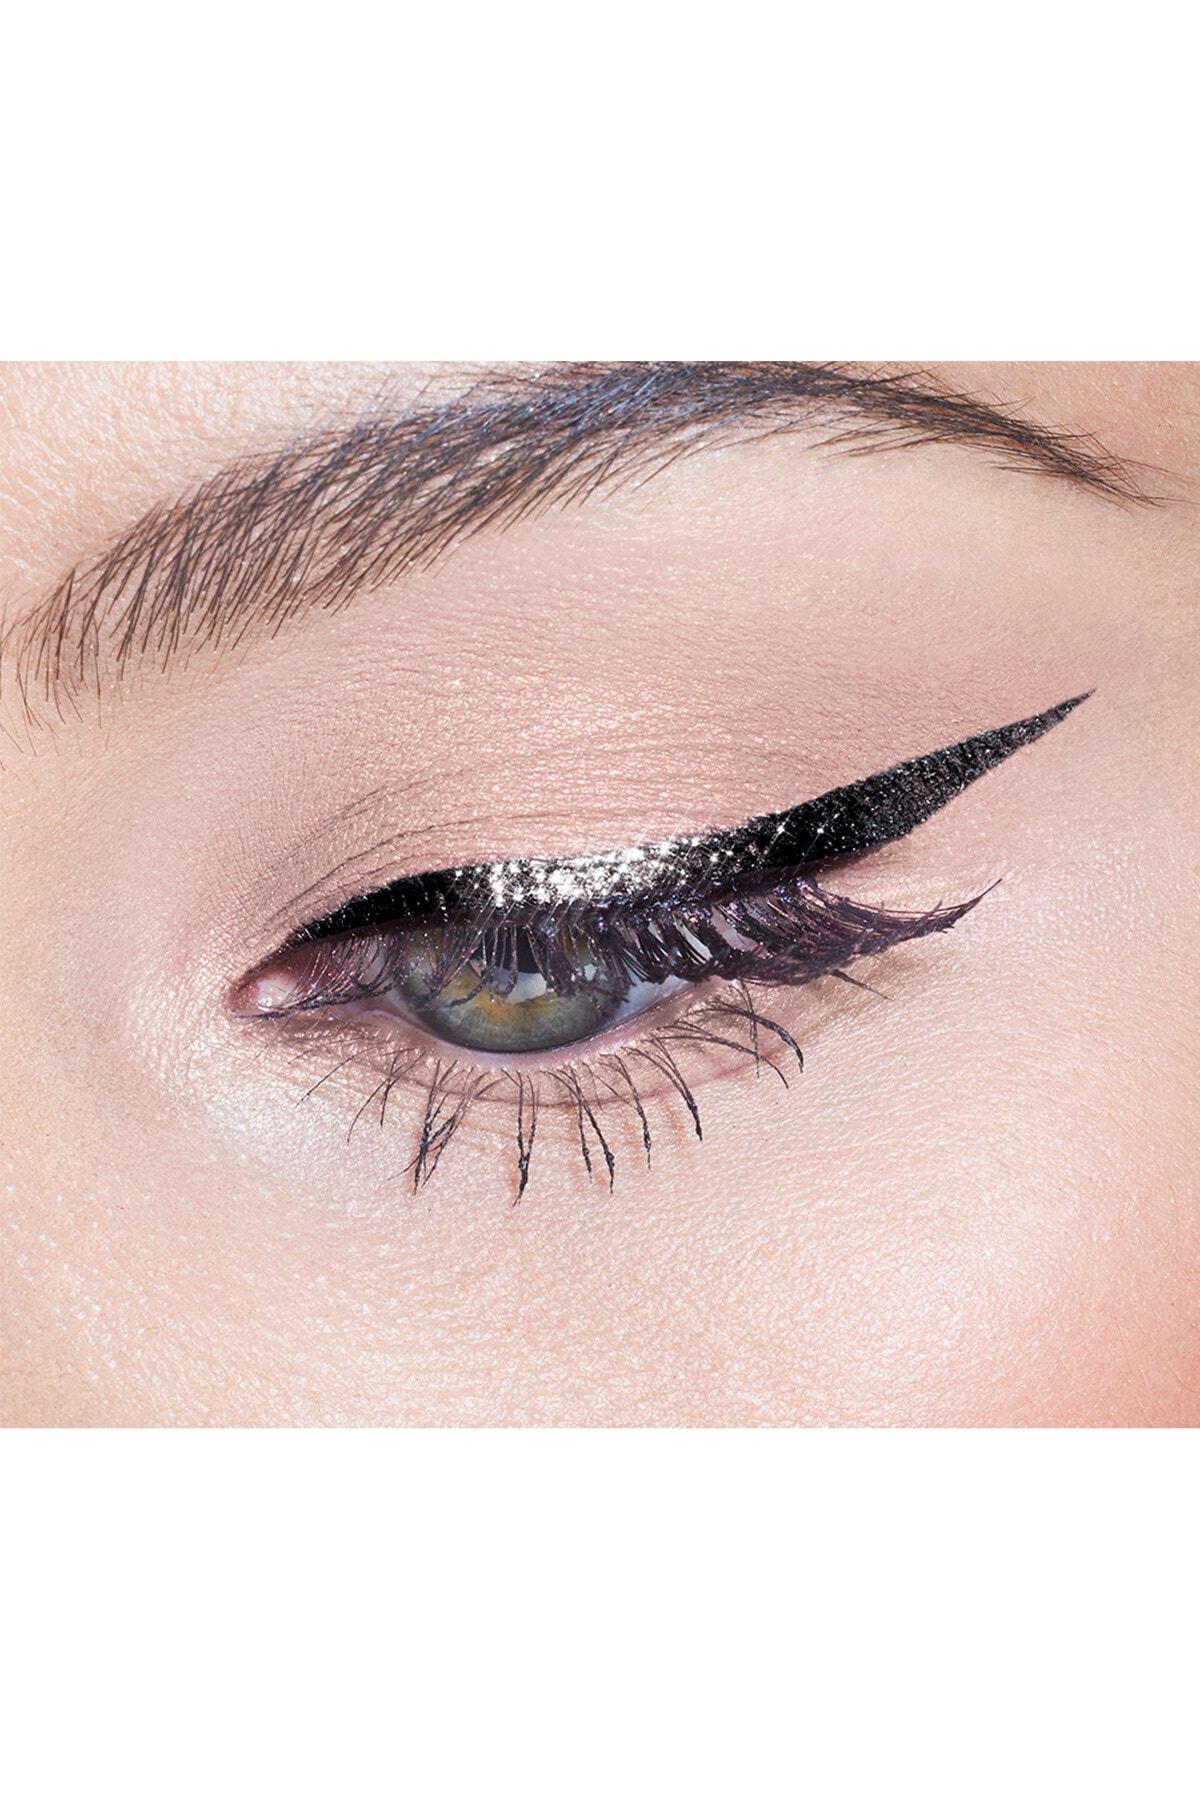 AVON Mark Pearlesque Liquid Eyeliner - Midnight Black 2